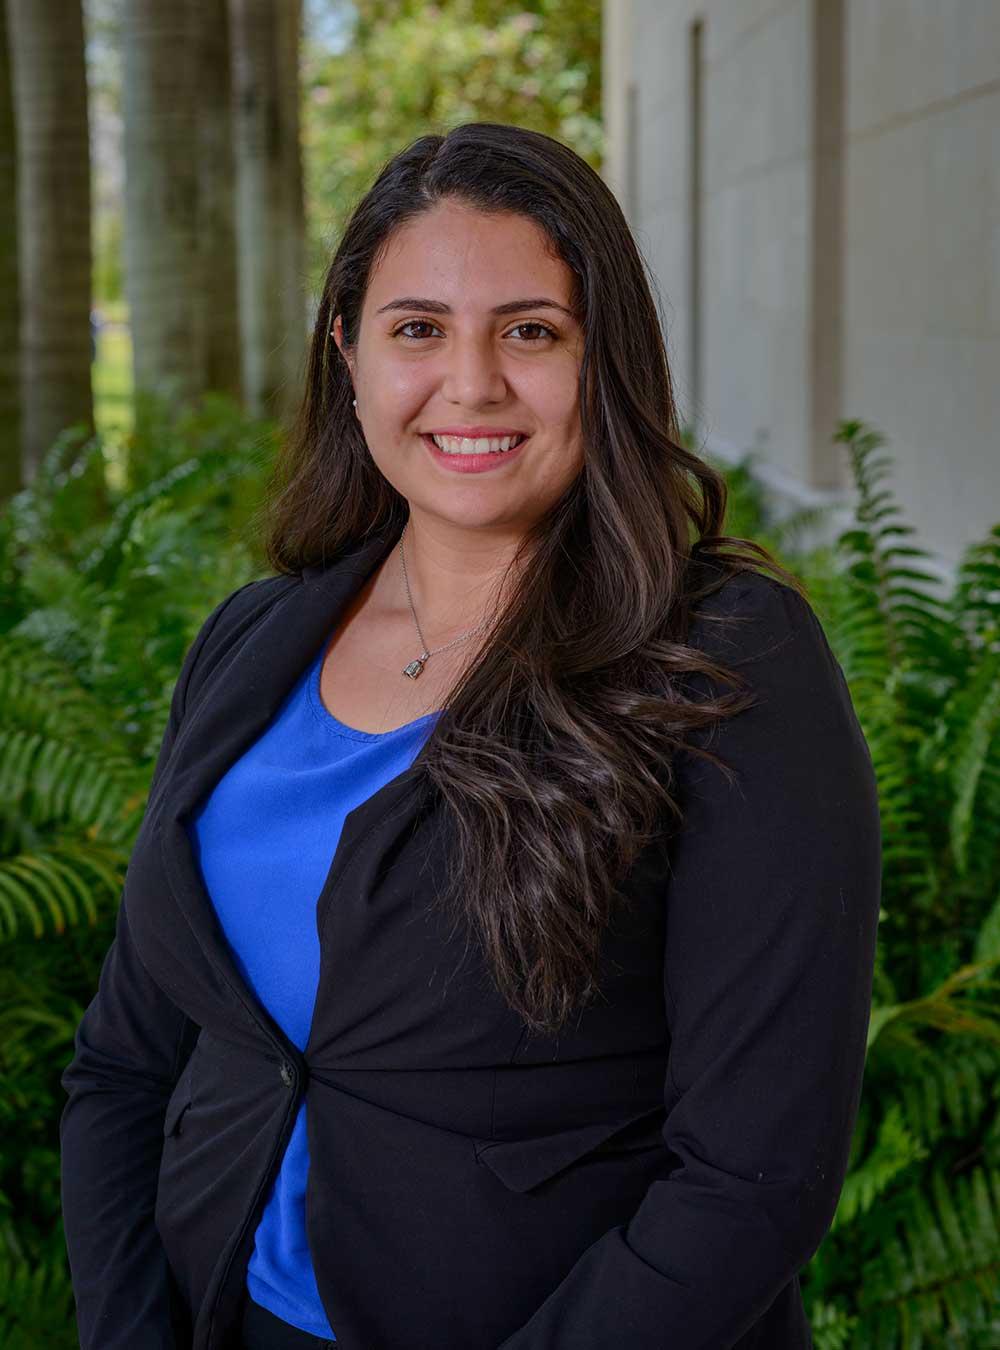 Portrait of Stephanie Pena